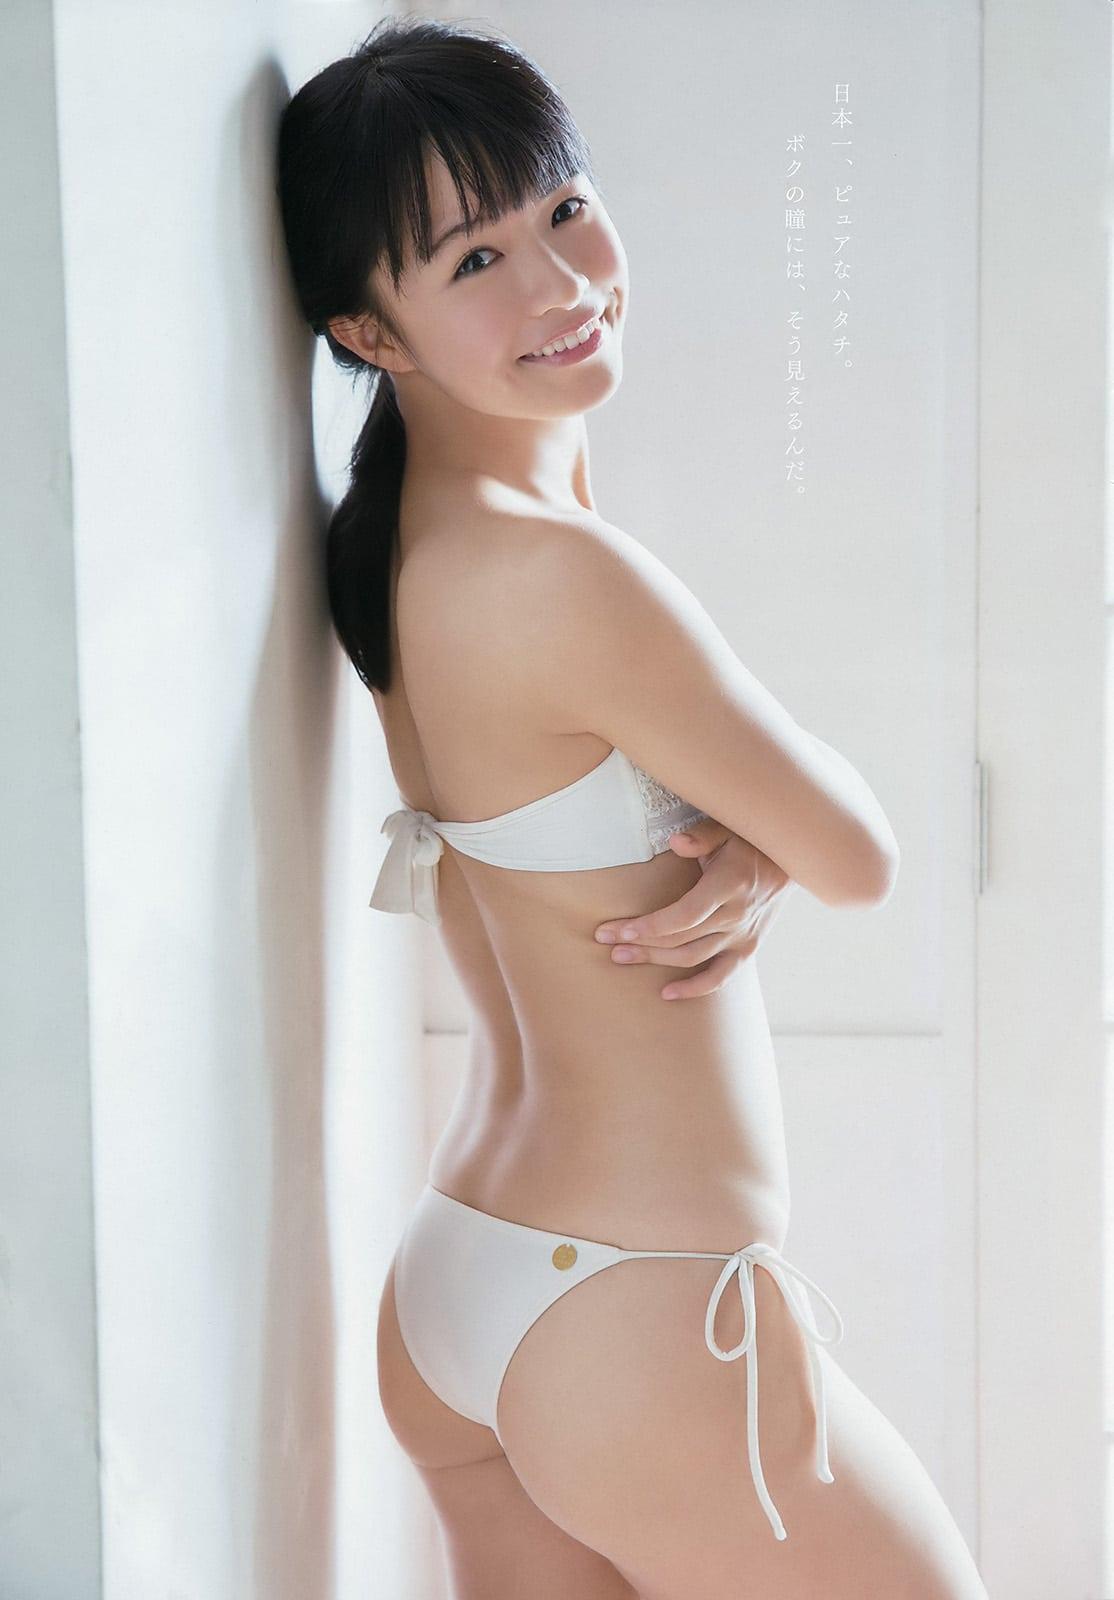 「ヤングアニマル 2016 No.21」百川晴香(全力少女R)の水着お尻グラビア